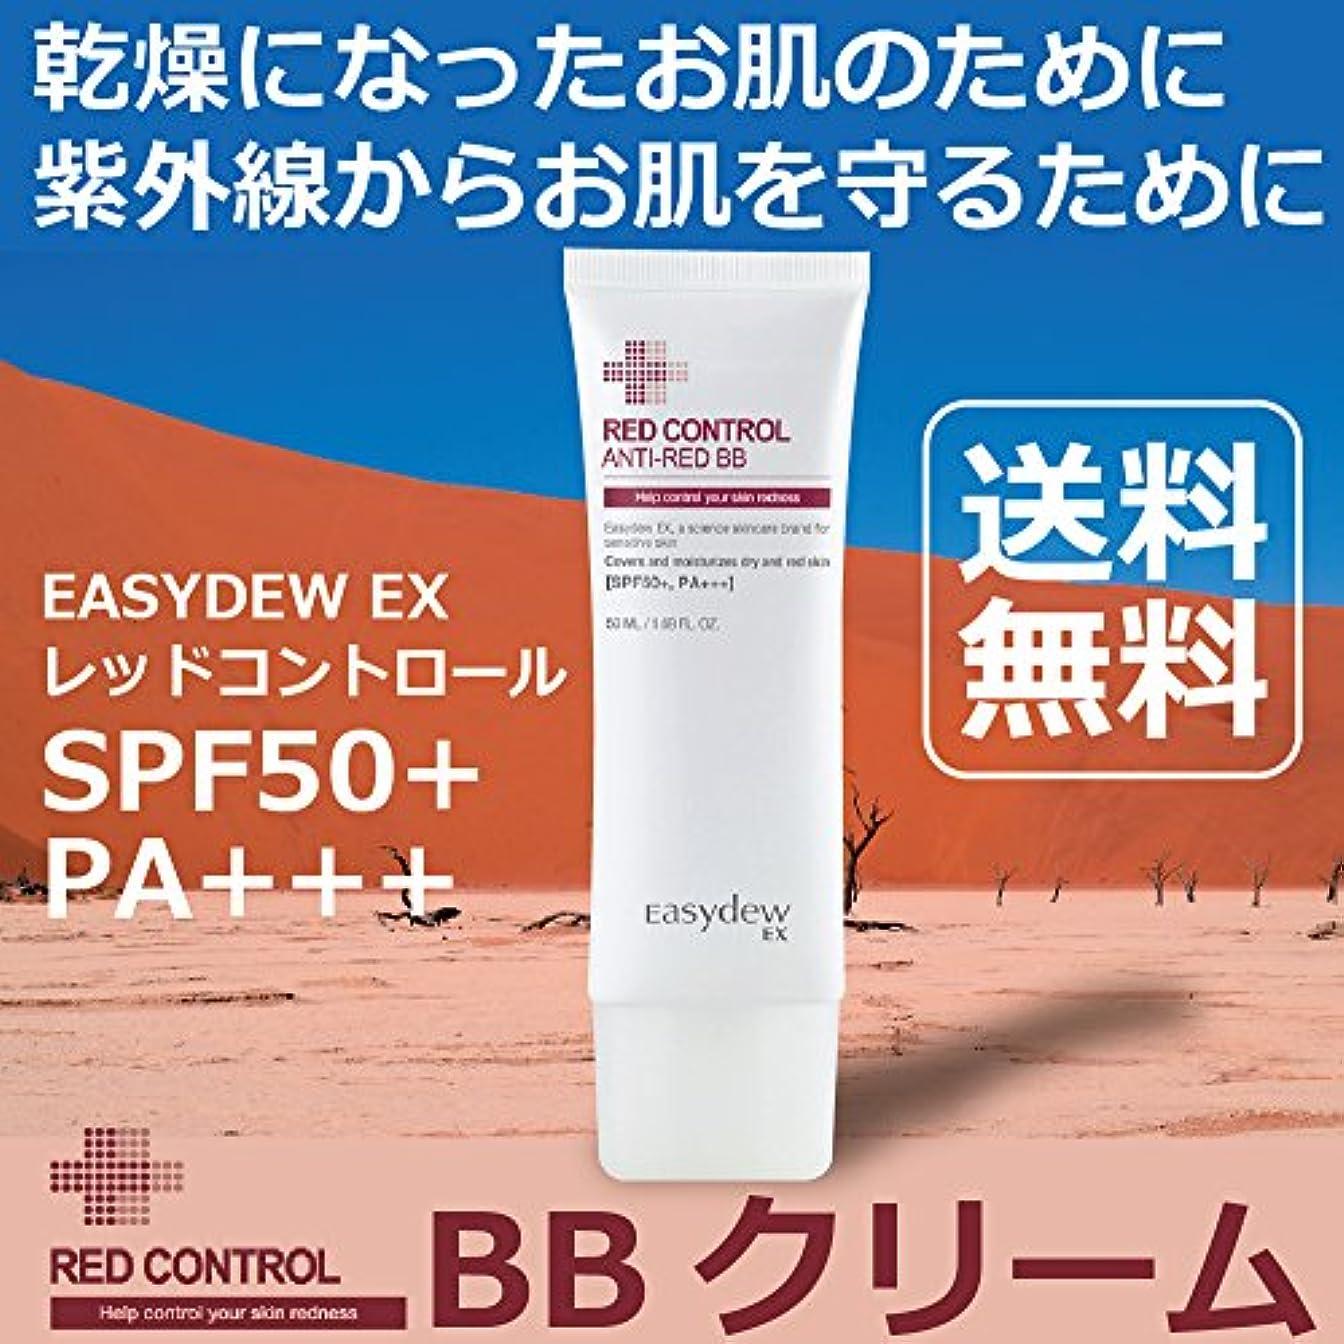 ドールおいしい小道具EASYDEW EX レッドコントロール アンチレッドBBクリーム 50ml RED CONTROL ANTI-RED BB